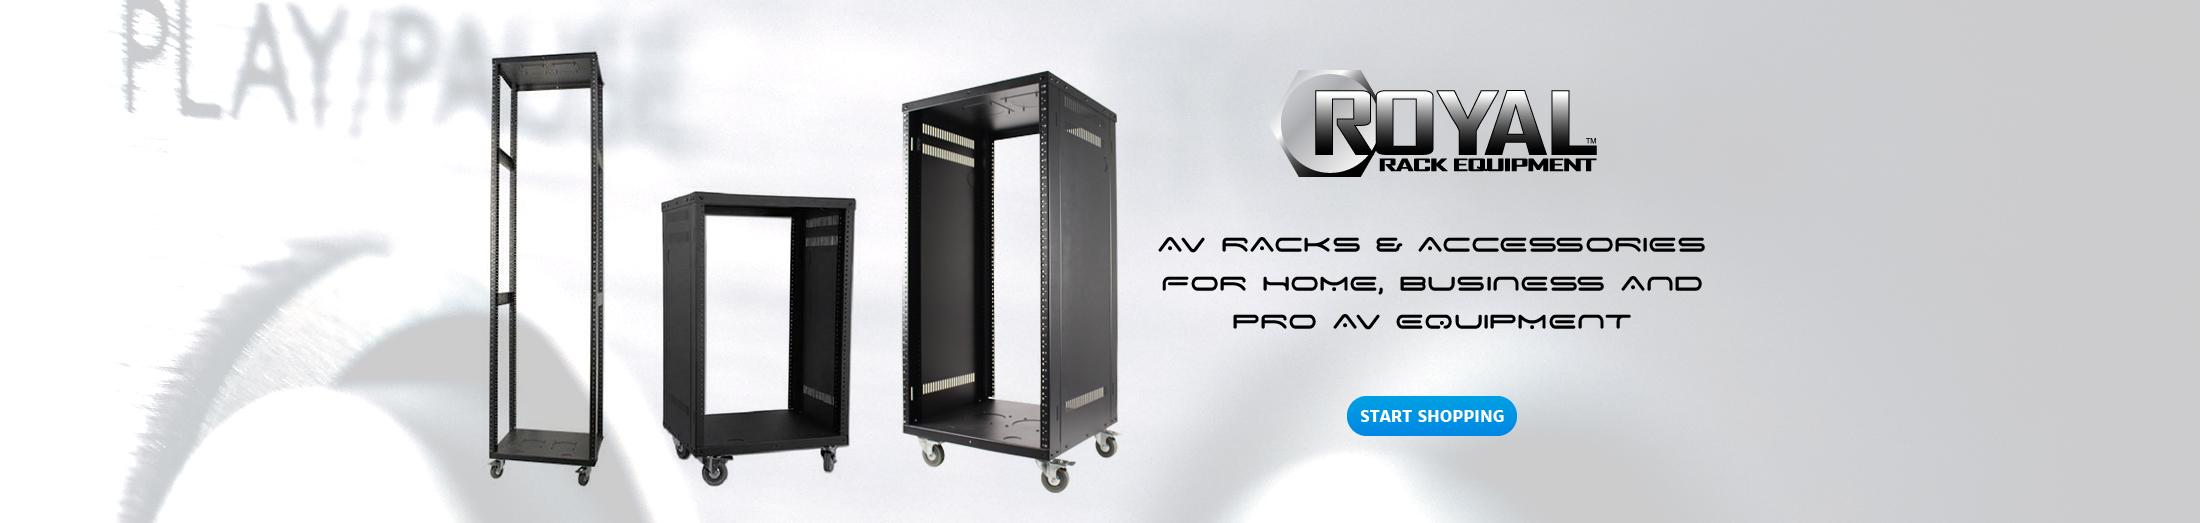 ROYAL - AV Racks & Accessories for home, business and Pro AV Equipment - Start Shopping